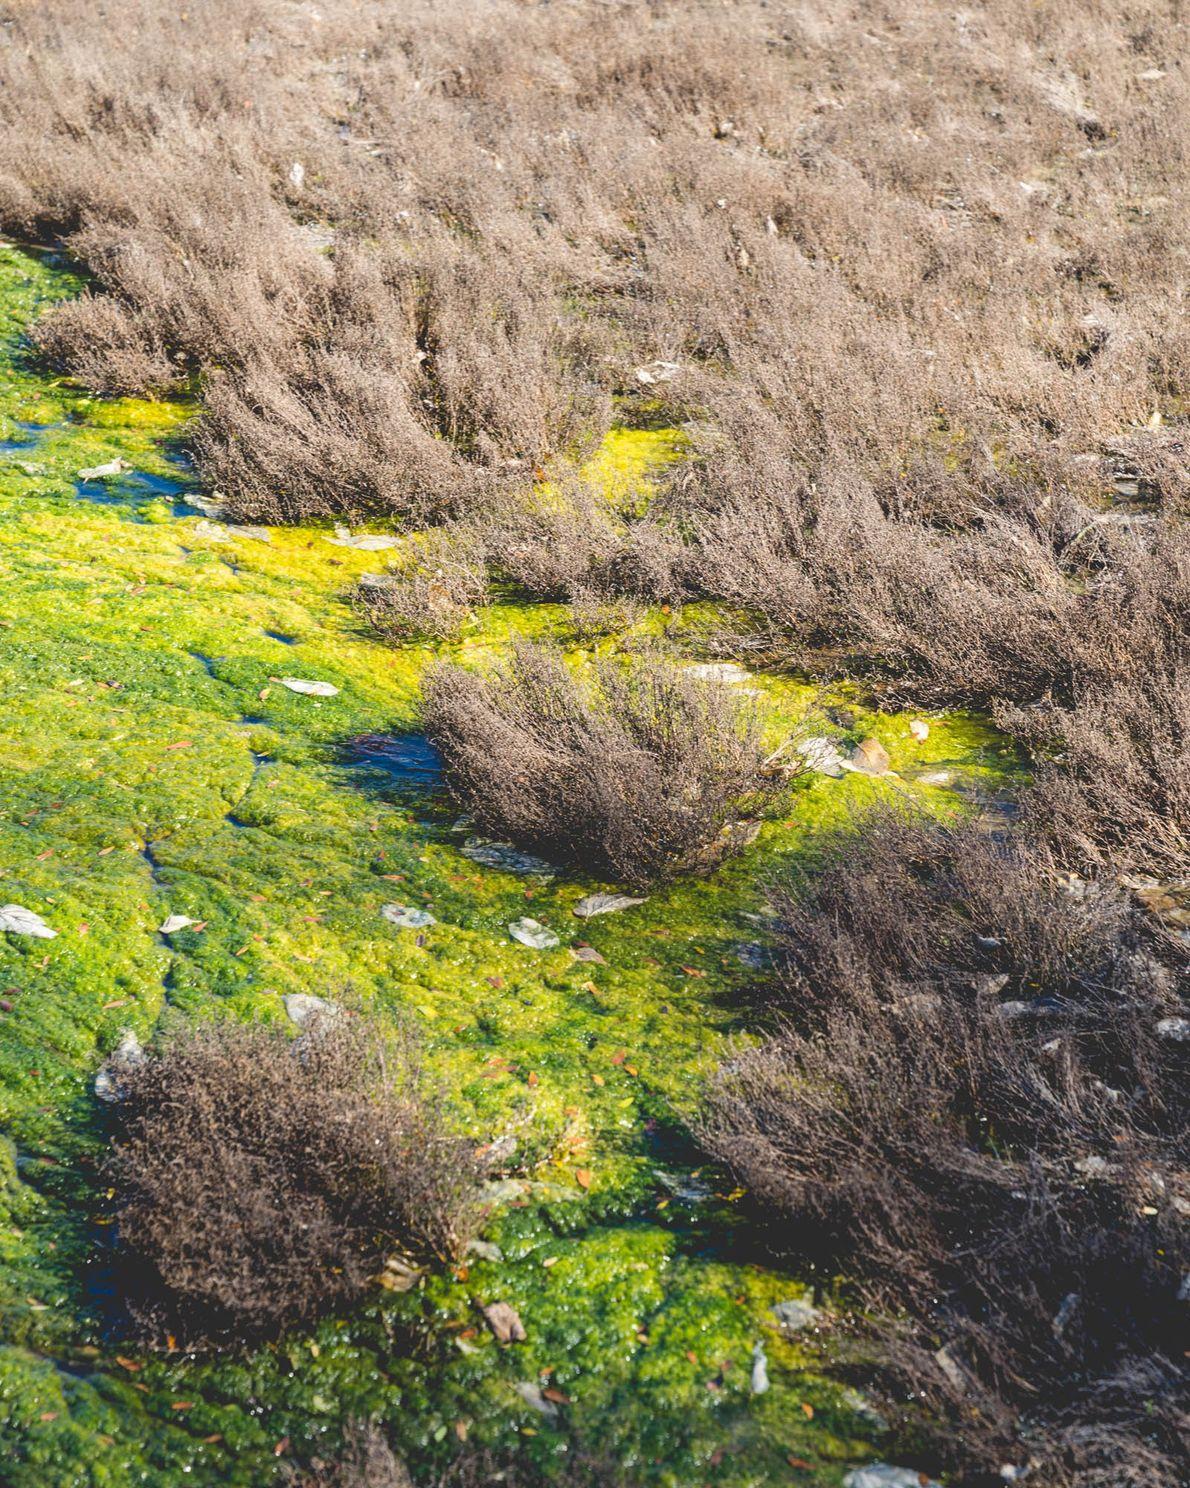 Des algues vertes recouvrent une parcelle privée des marais salés de Marsh Wren. En plus de ...